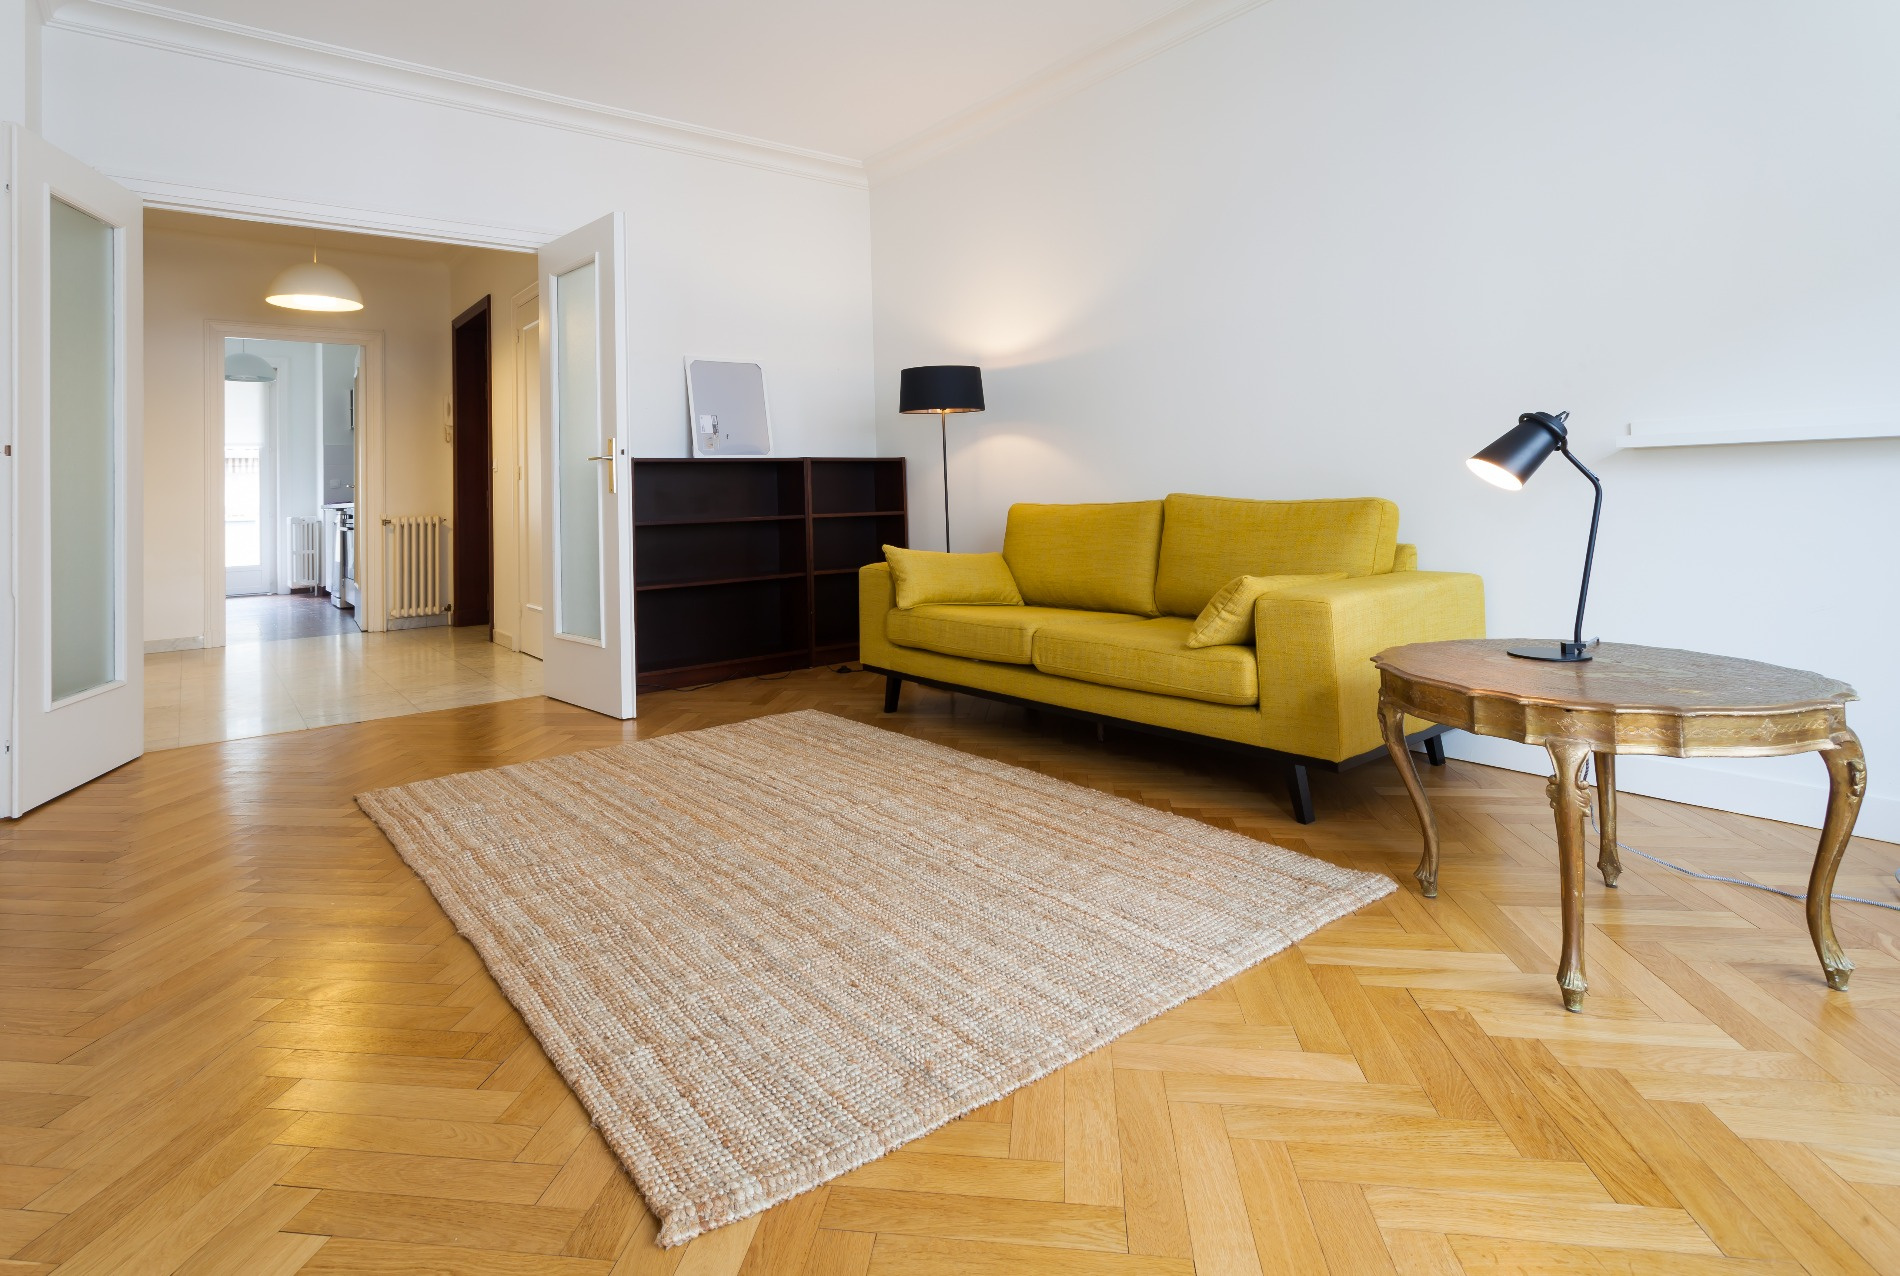 Location appartement meuble lyon 2 fabulous ventes - Location appartement meuble lyon particulier ...